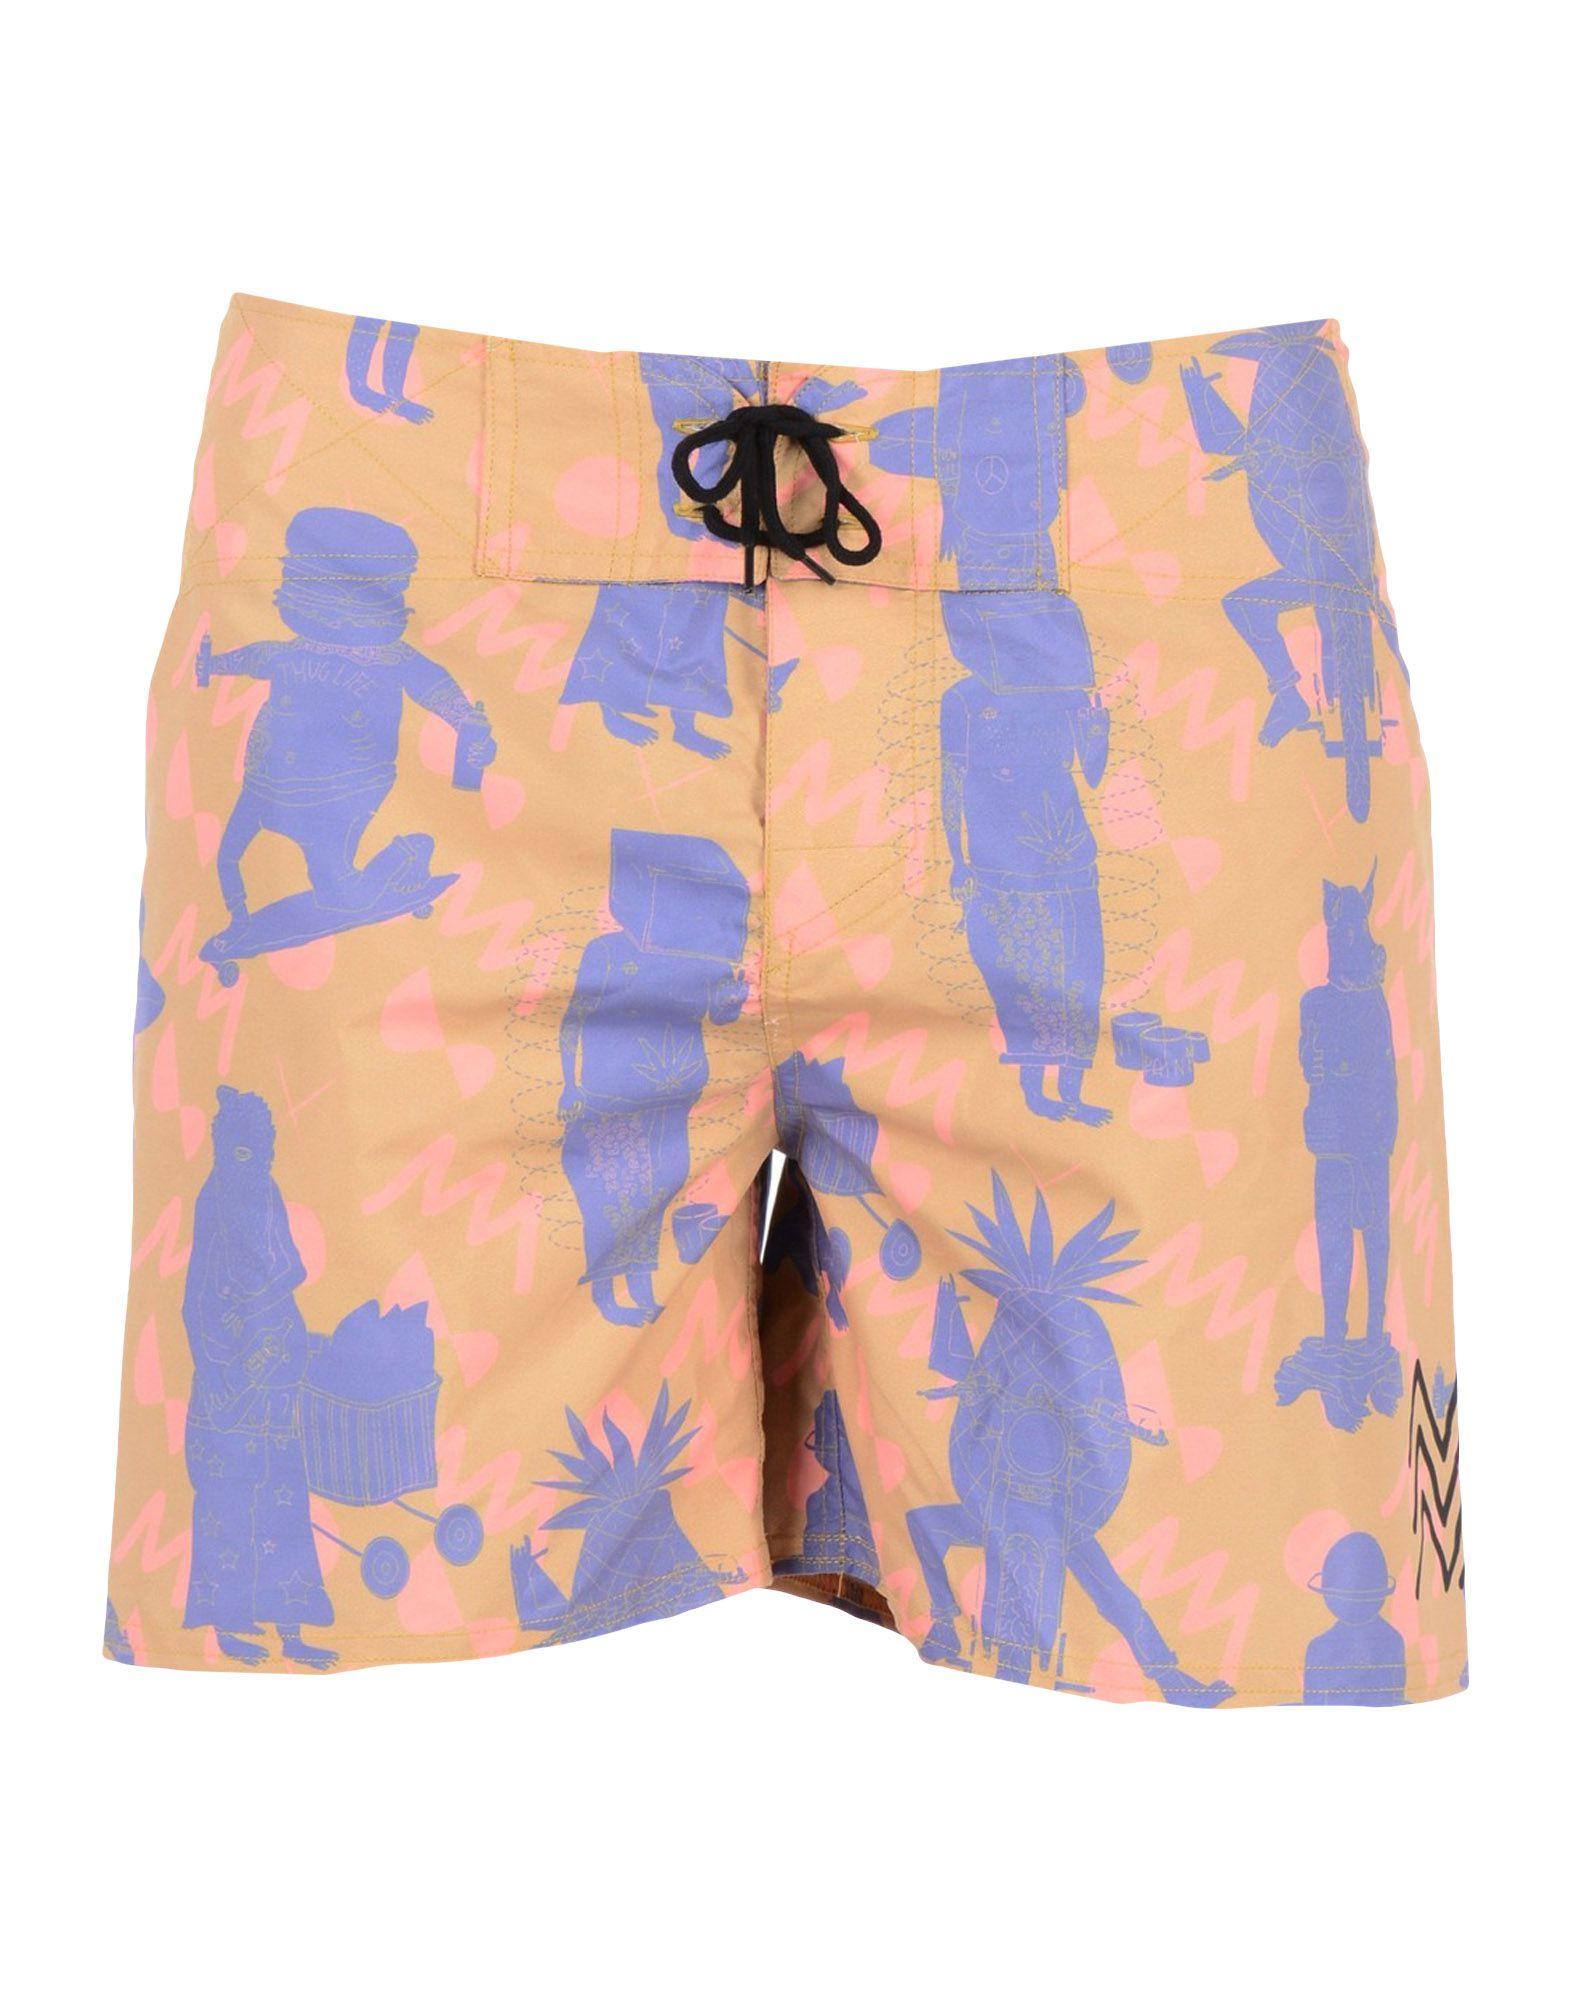 SORT OF LOOSER Пляжные брюки и шорты sort of looser пляжные брюки и шорты